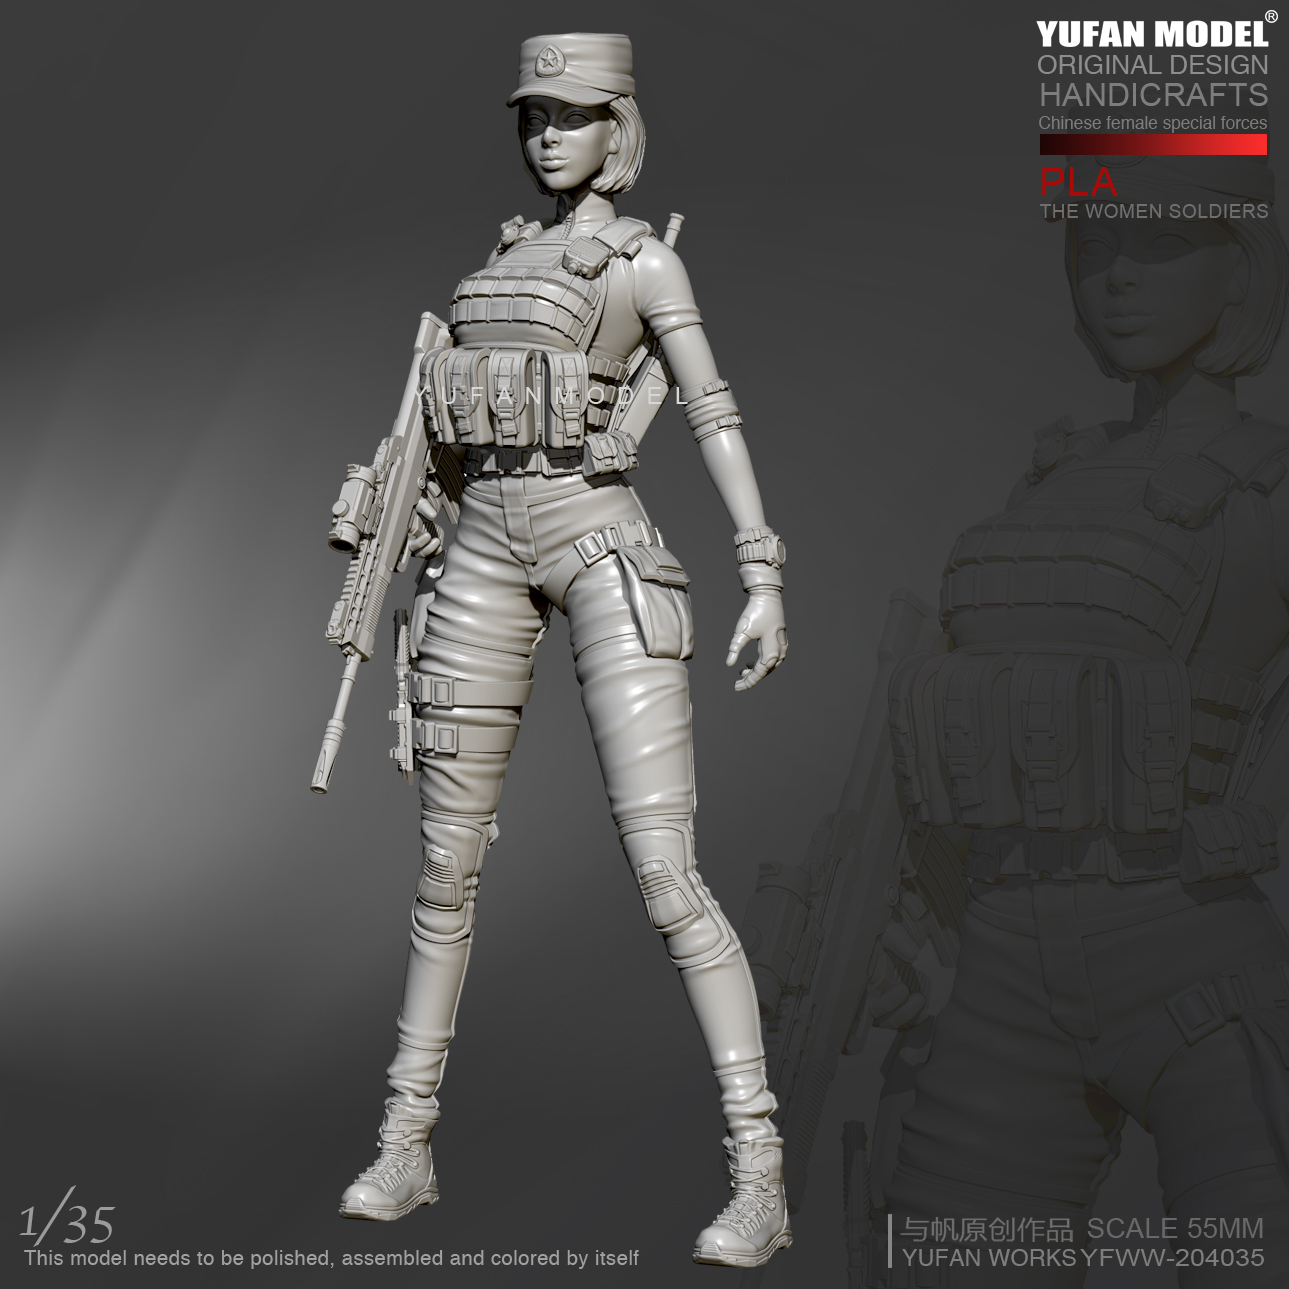 1/35 Resin Kits Women Special Forces YuFan Model Self-assembled YFWW35-2040